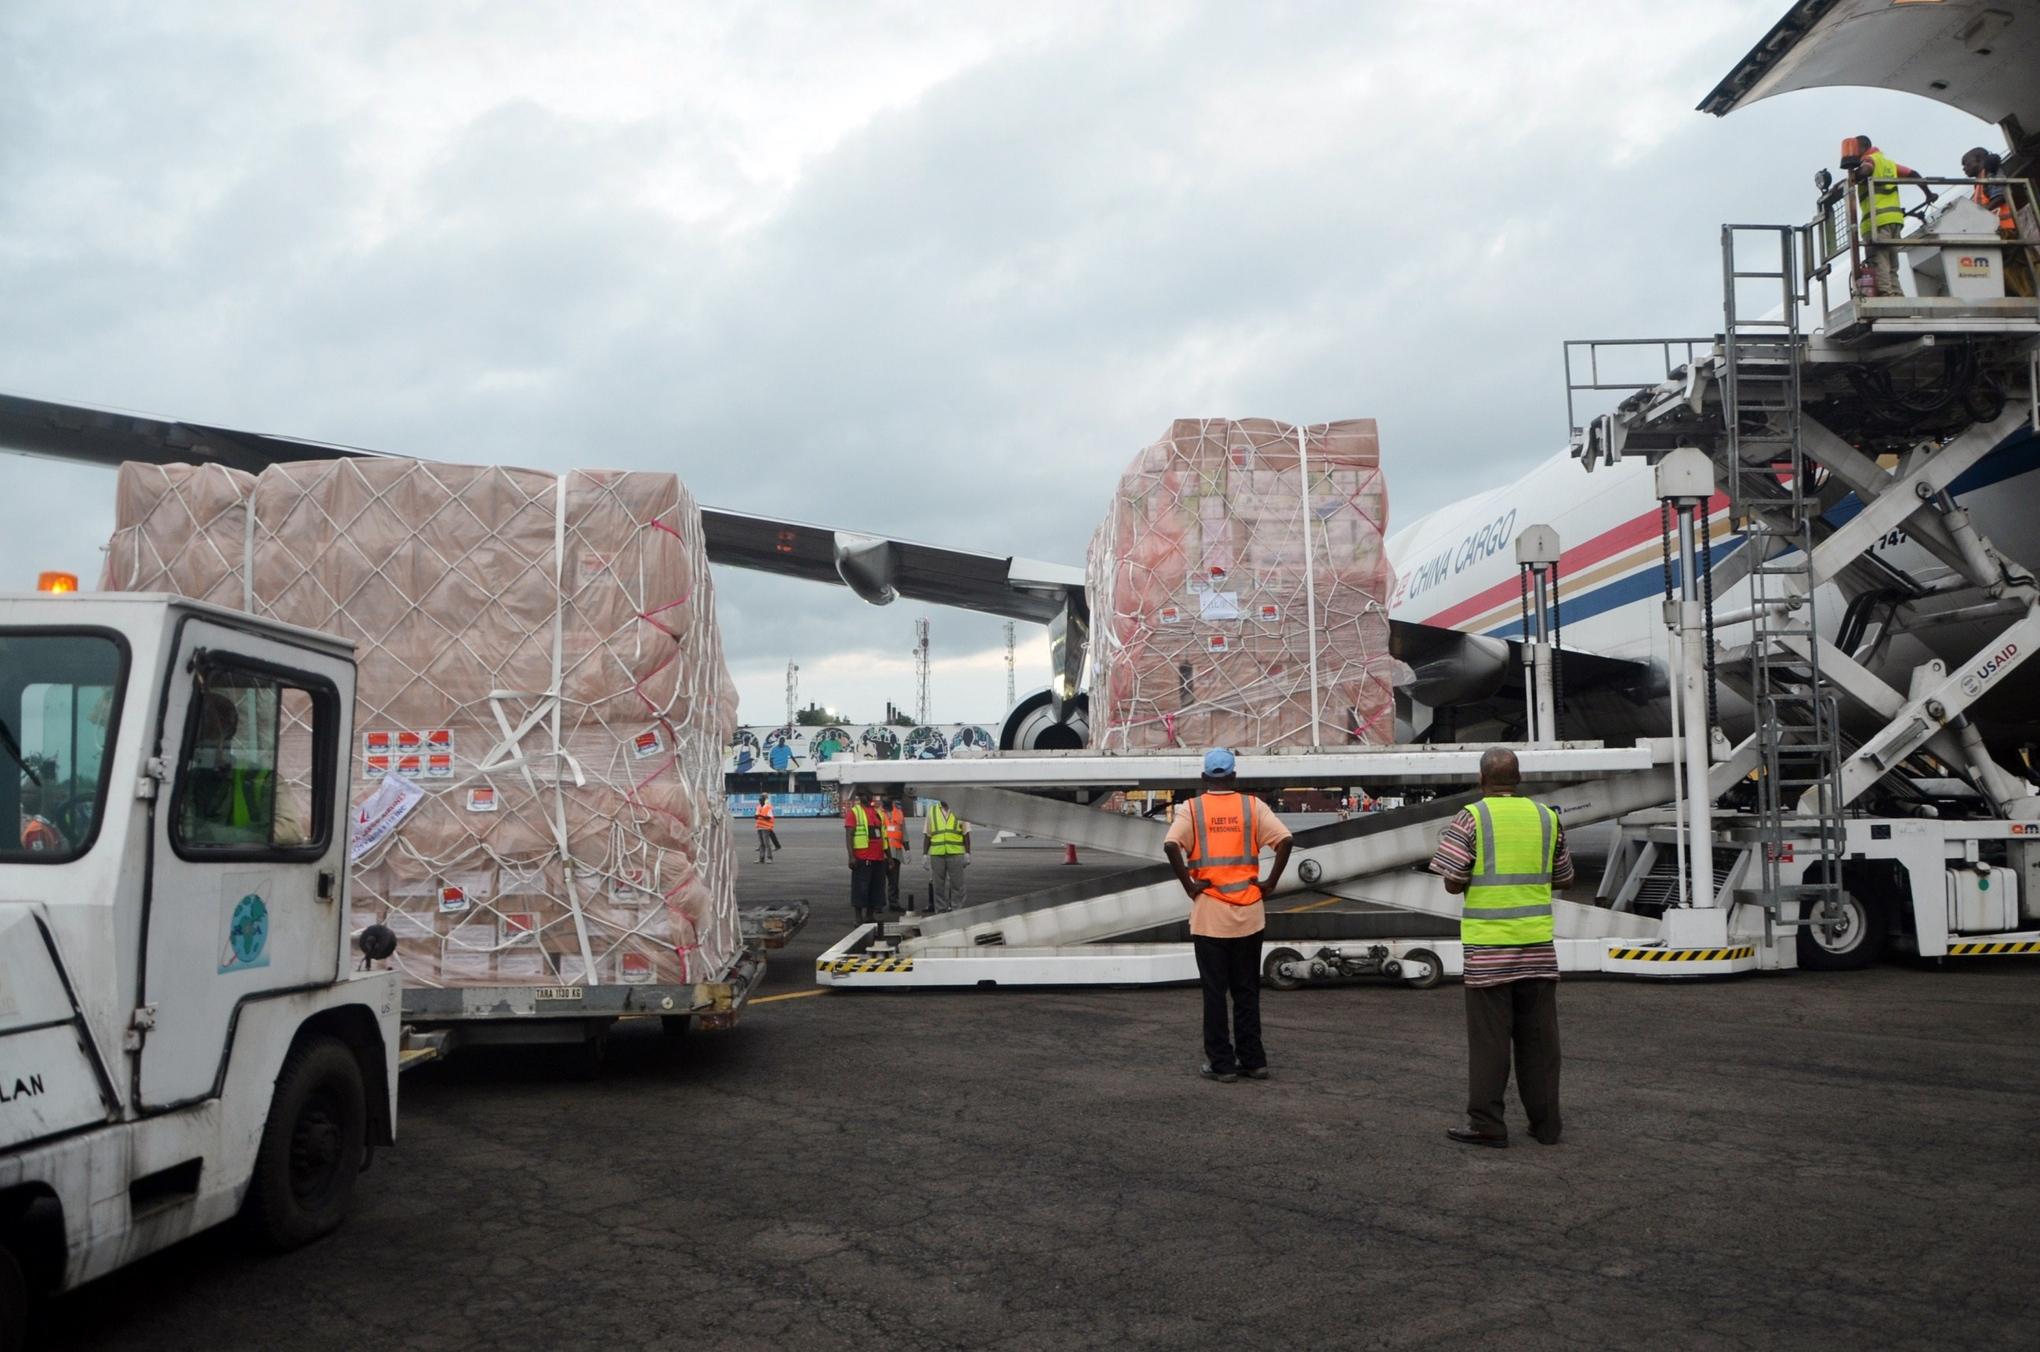 Ebola_aid_supplies_plane